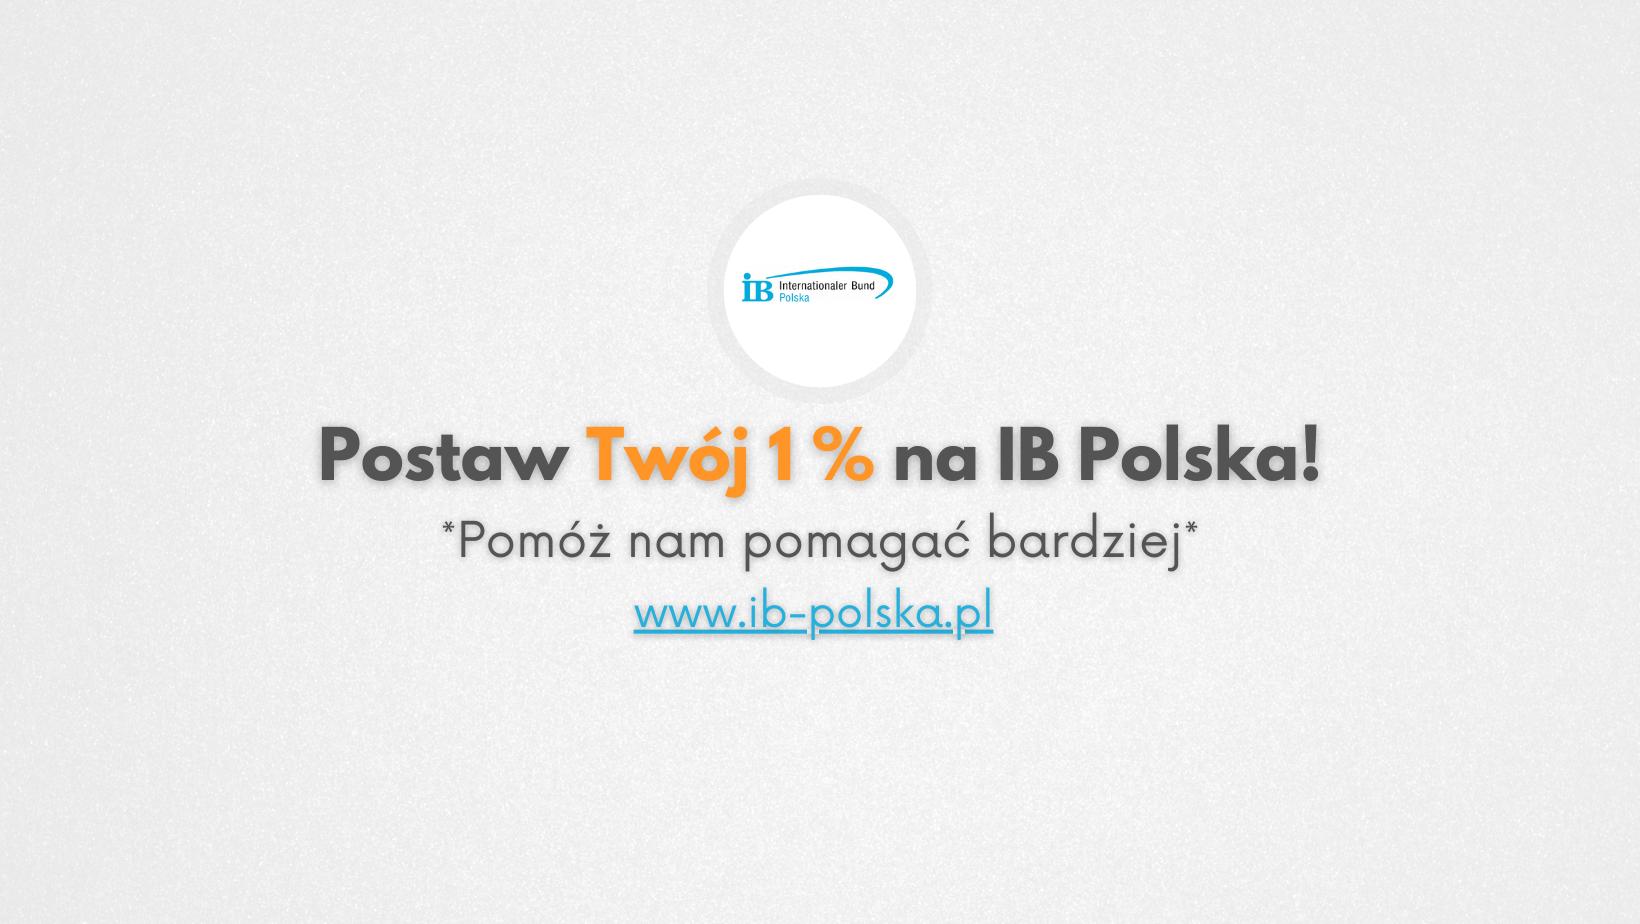 Postaw swój 1% na IB Polska - Pomóż nam pomagać bardziej!